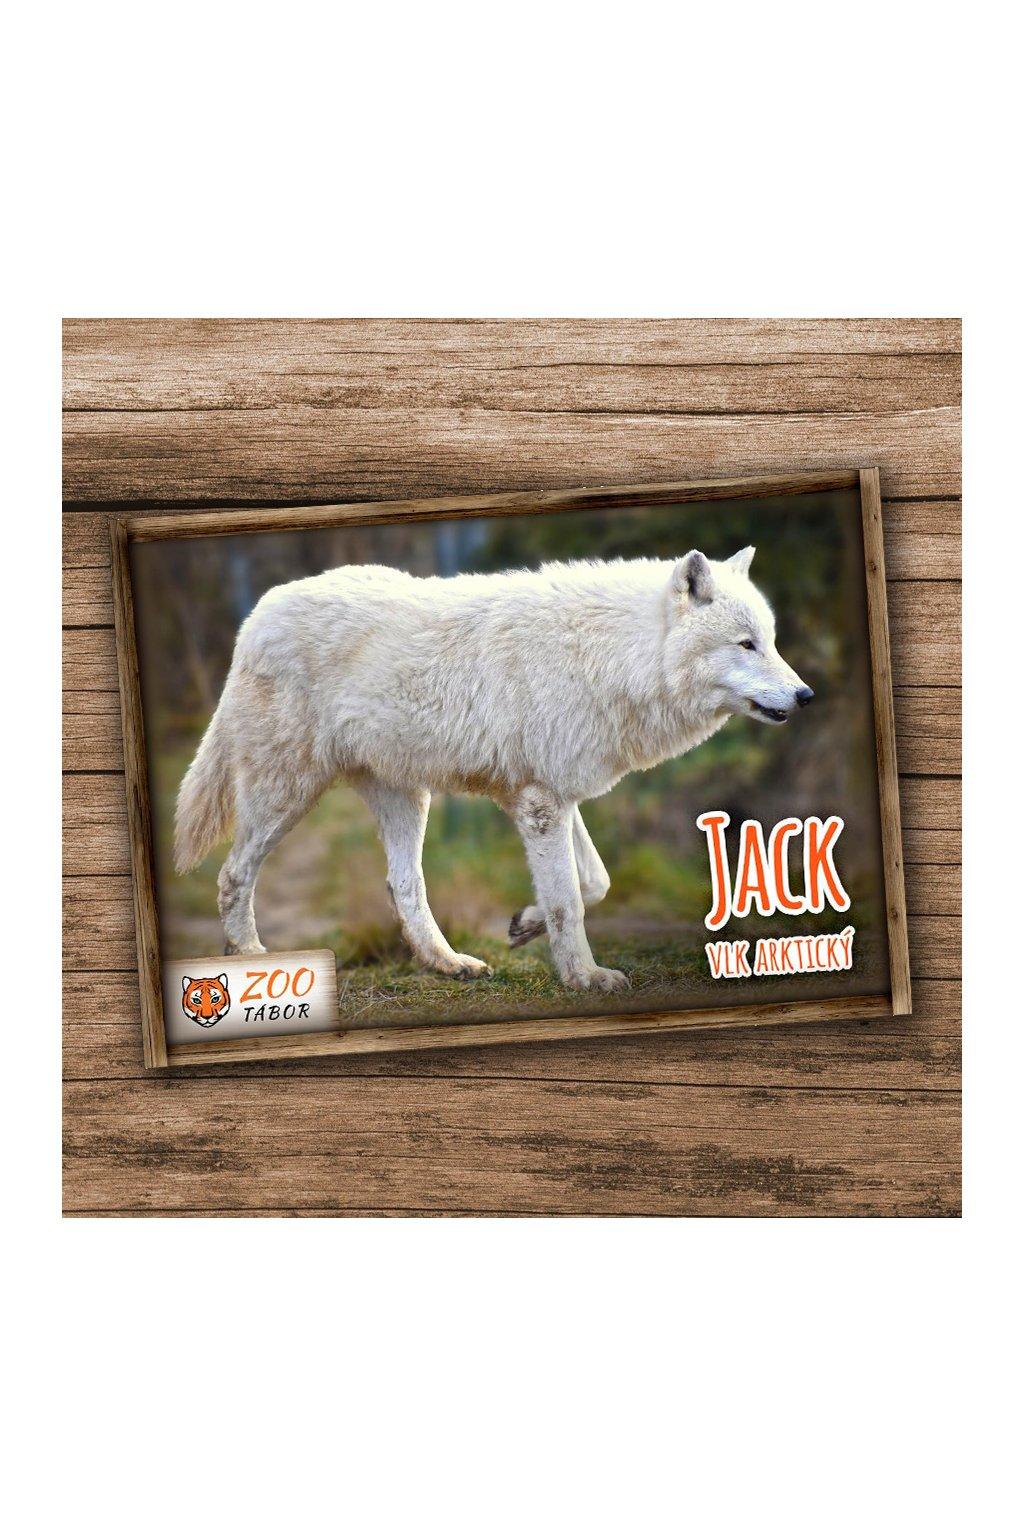 pohlednice n vlk